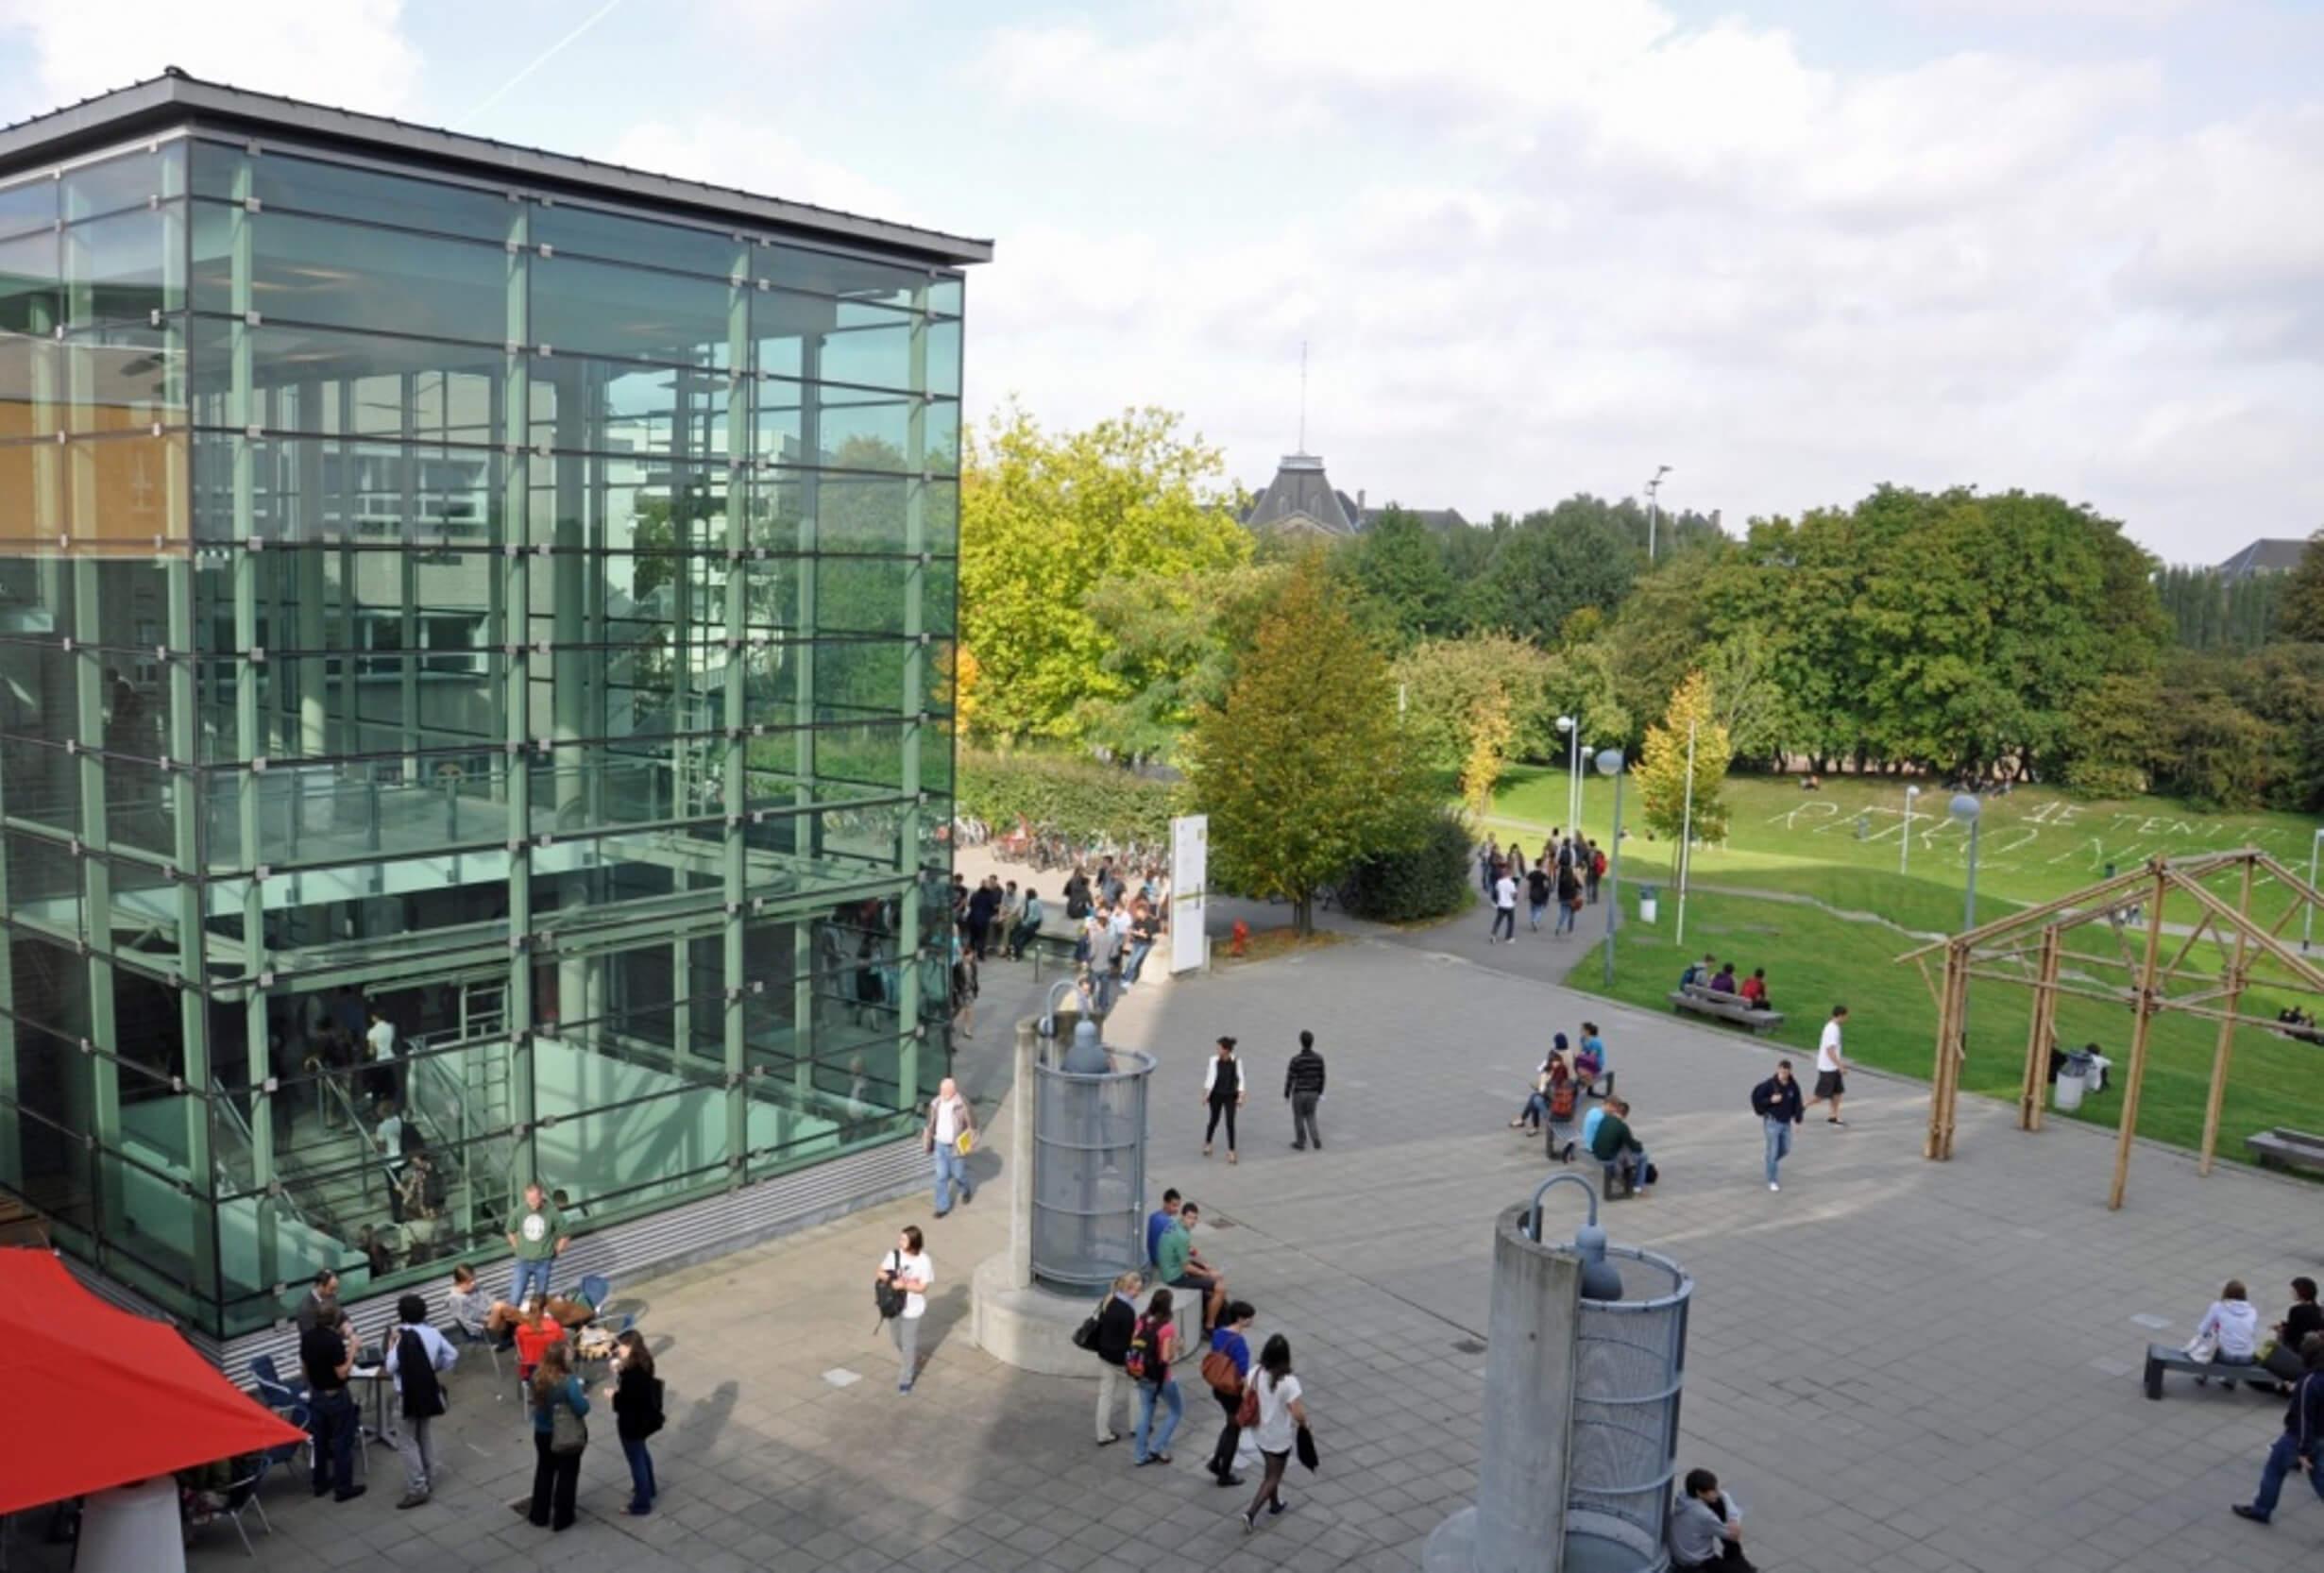 focus-archi-magazine-architecture-urbanisle-campus-vub-adtato.jpg